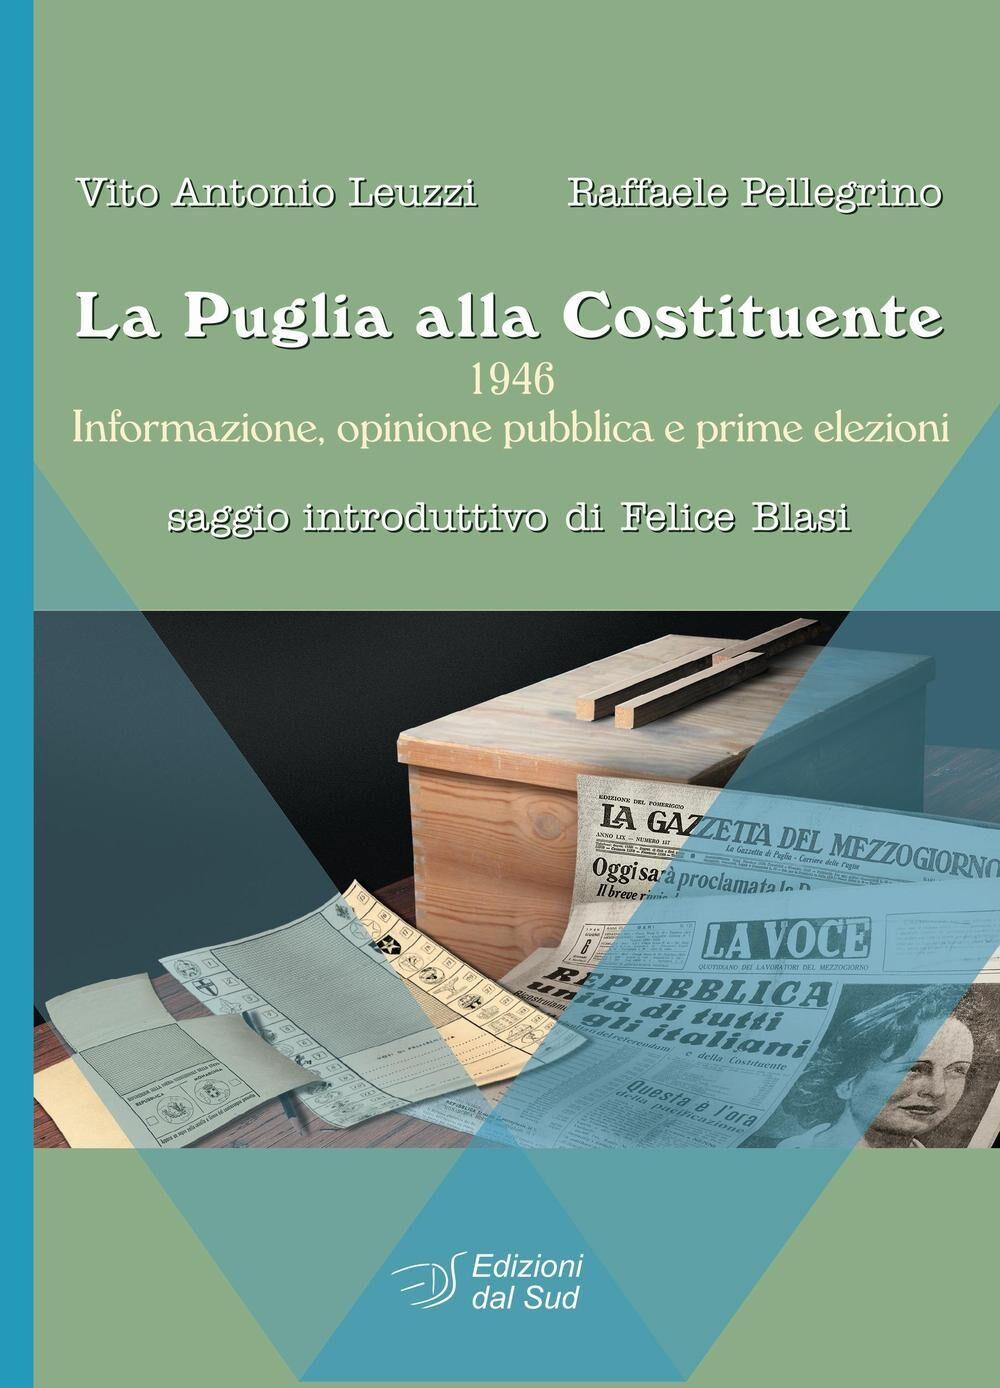 La Puglia alla Costituente. 1946. Informazione, opinione pubblica e prime elezioni